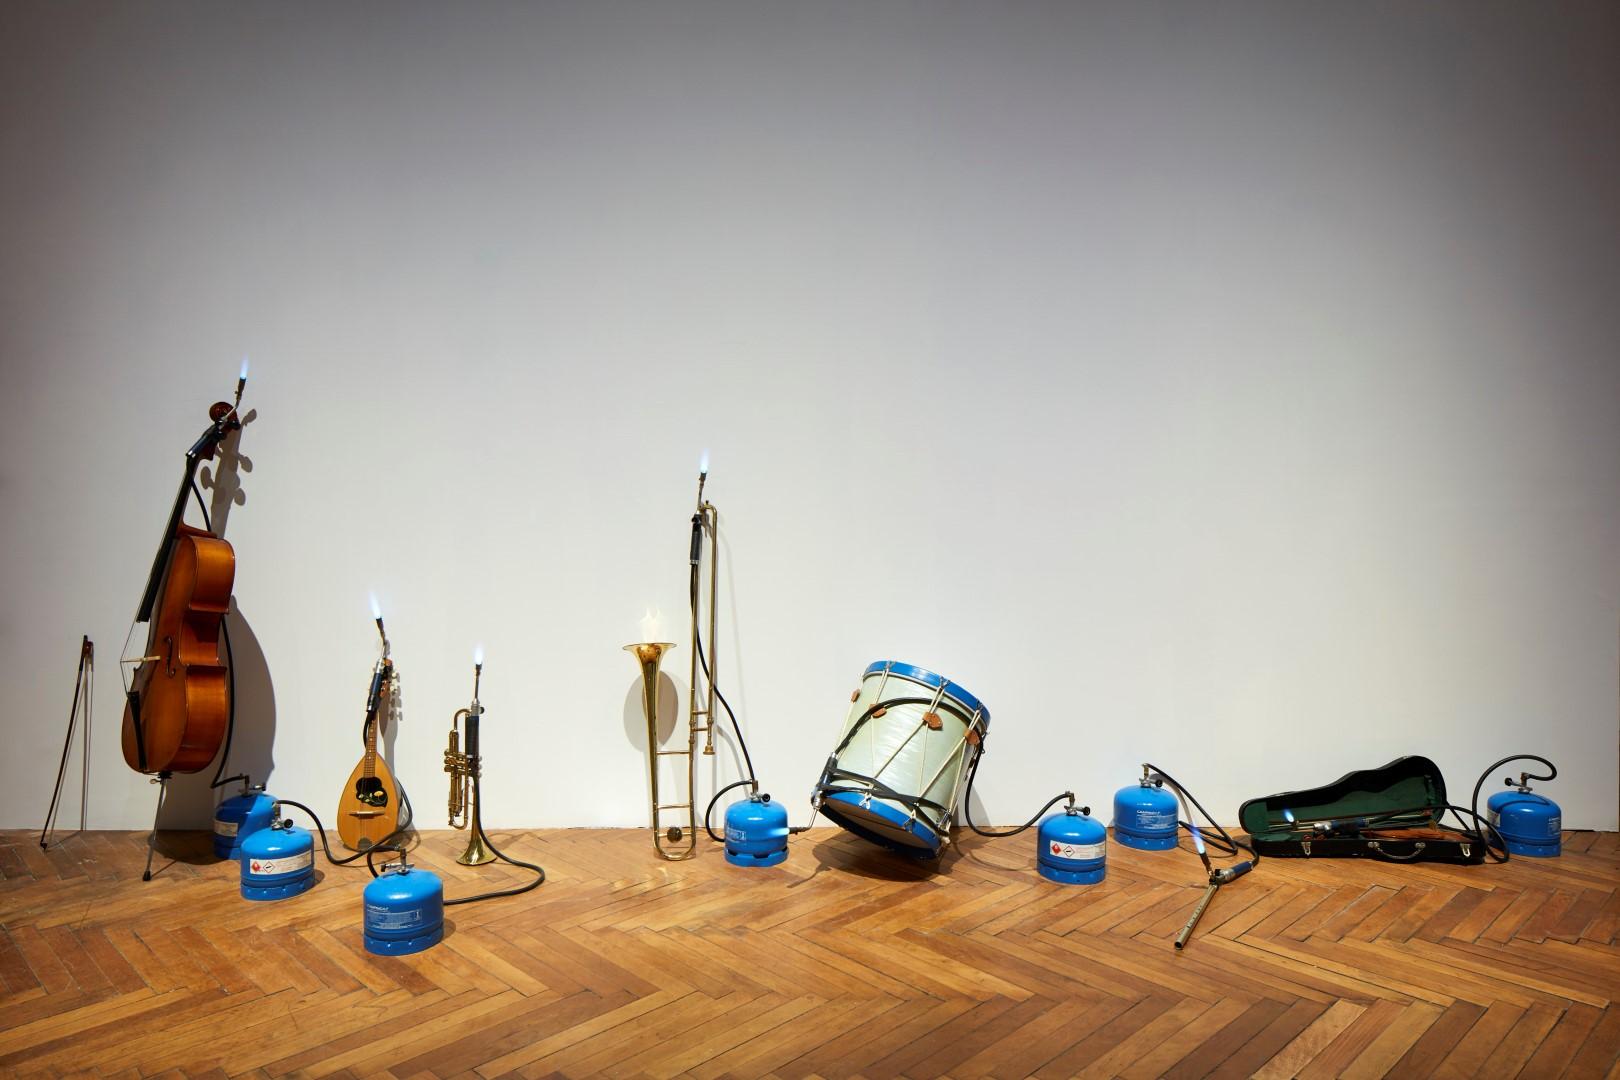 Fondazione Prada Venezia Jannis Kounellis